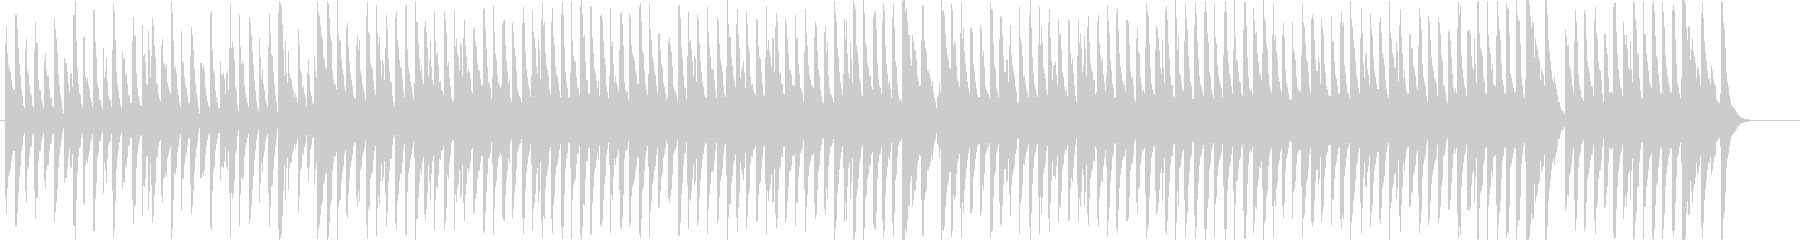 クリスマスソング「ジングルベル」の未再生の波形